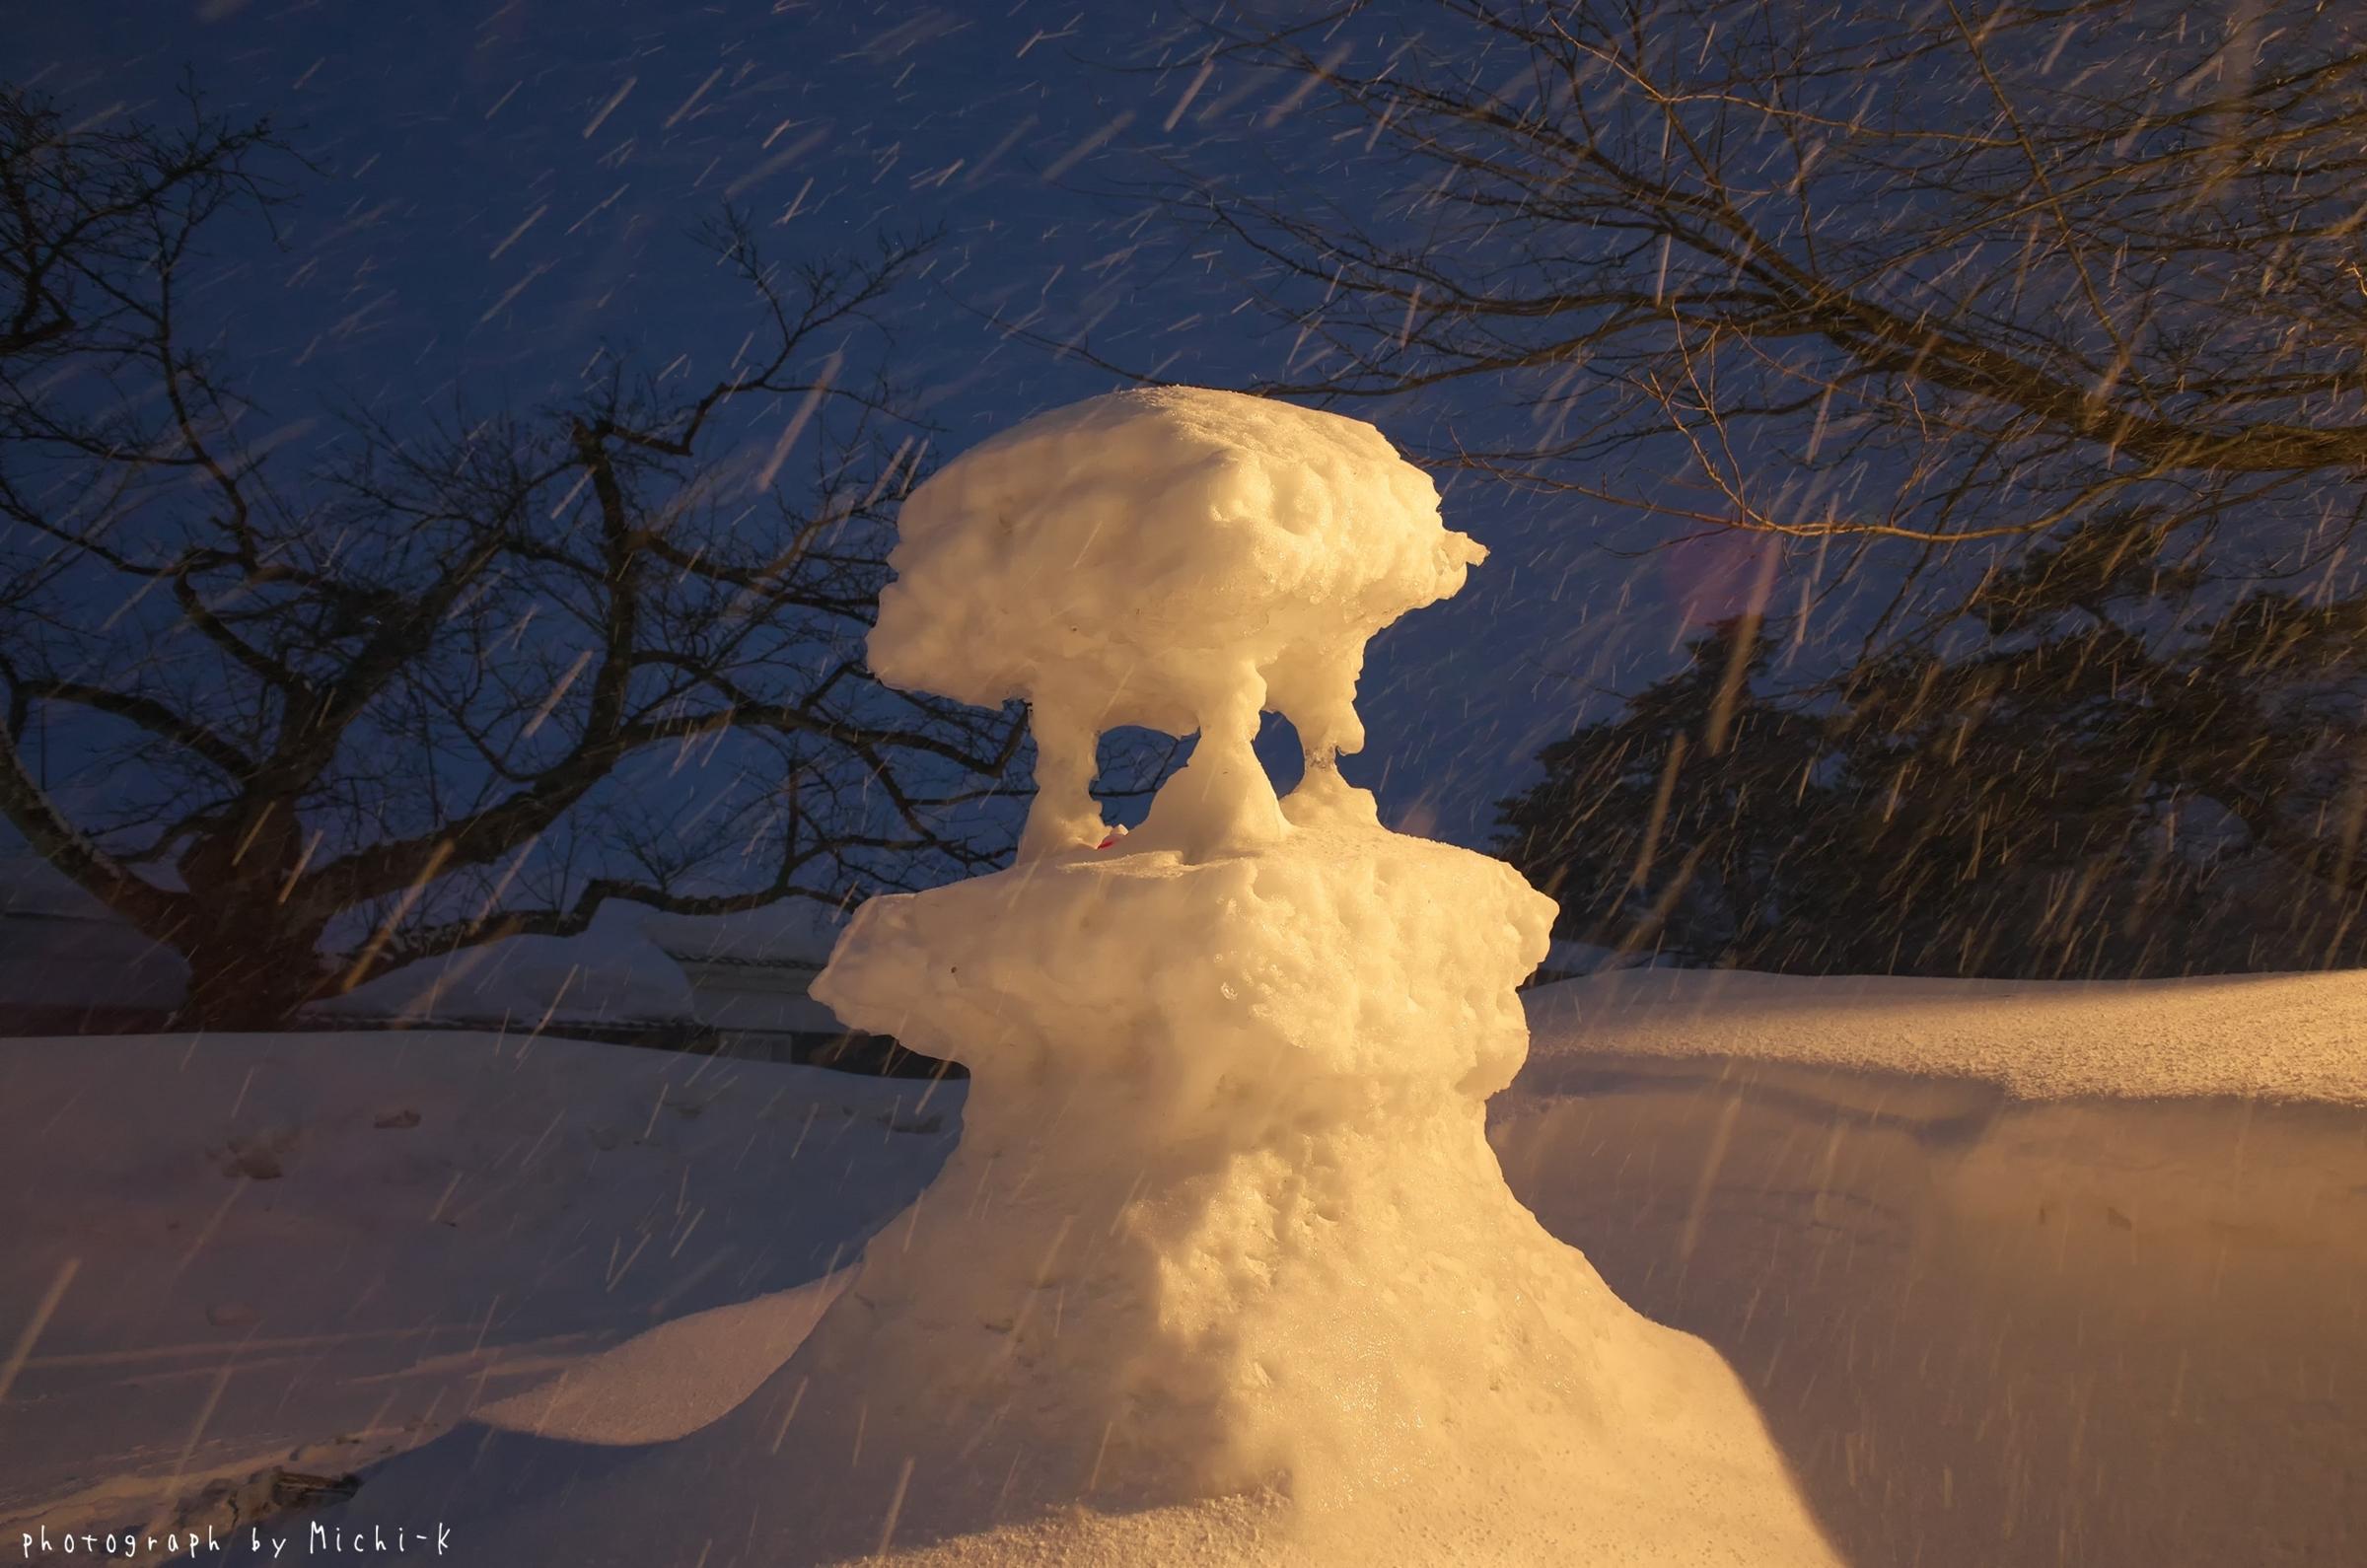 鶴岡市松ヶ丘雪灯篭まつり2018-2-18その2